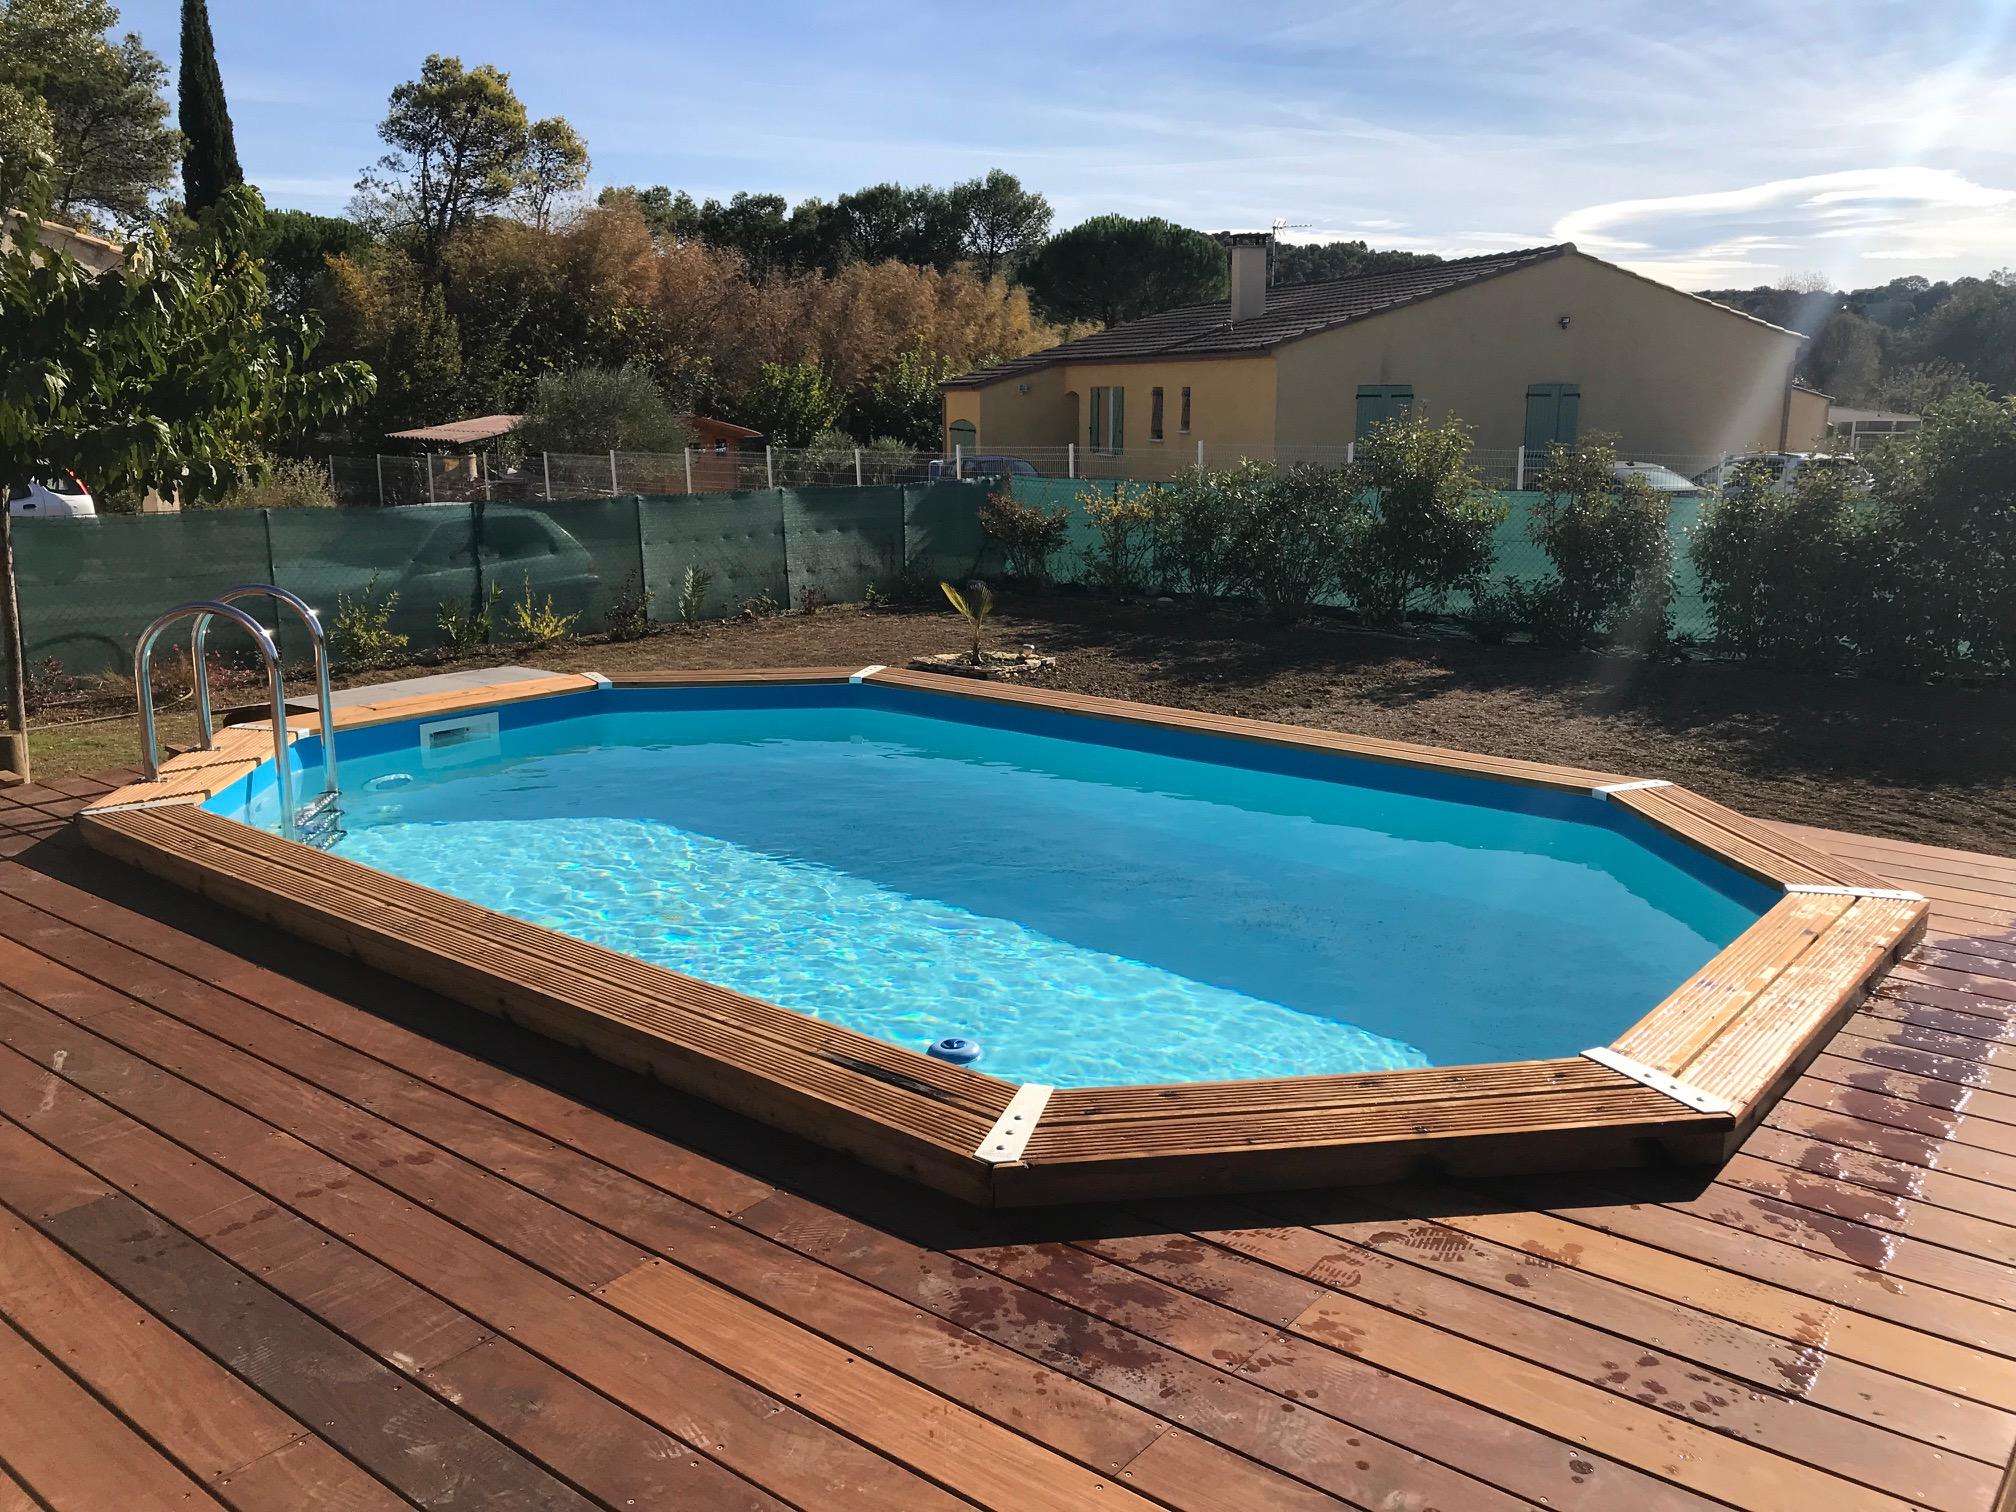 Piscine Tubulaire Terrasse Bois ubbink piscine en bois *promo robot nettoyeur offert et